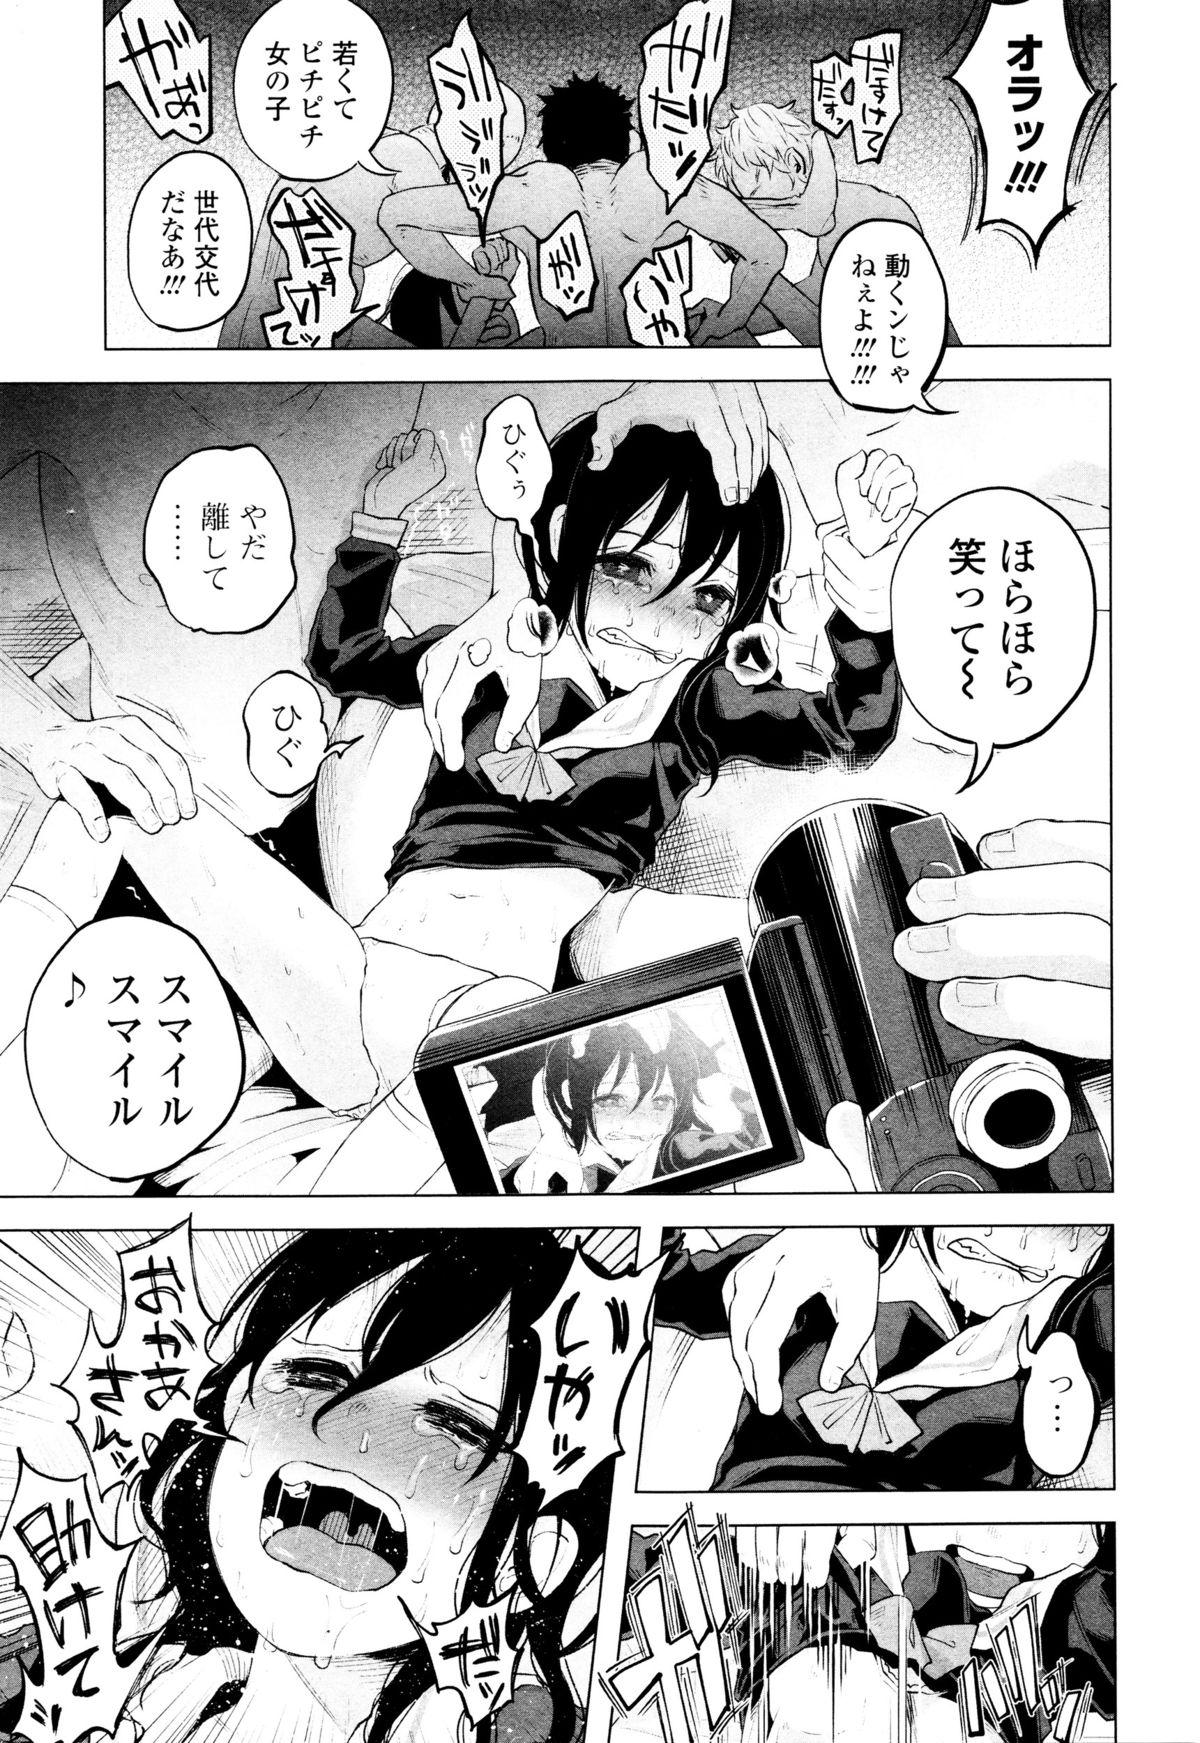 COMIC Mate Legend Vol. 7 2016-02 41